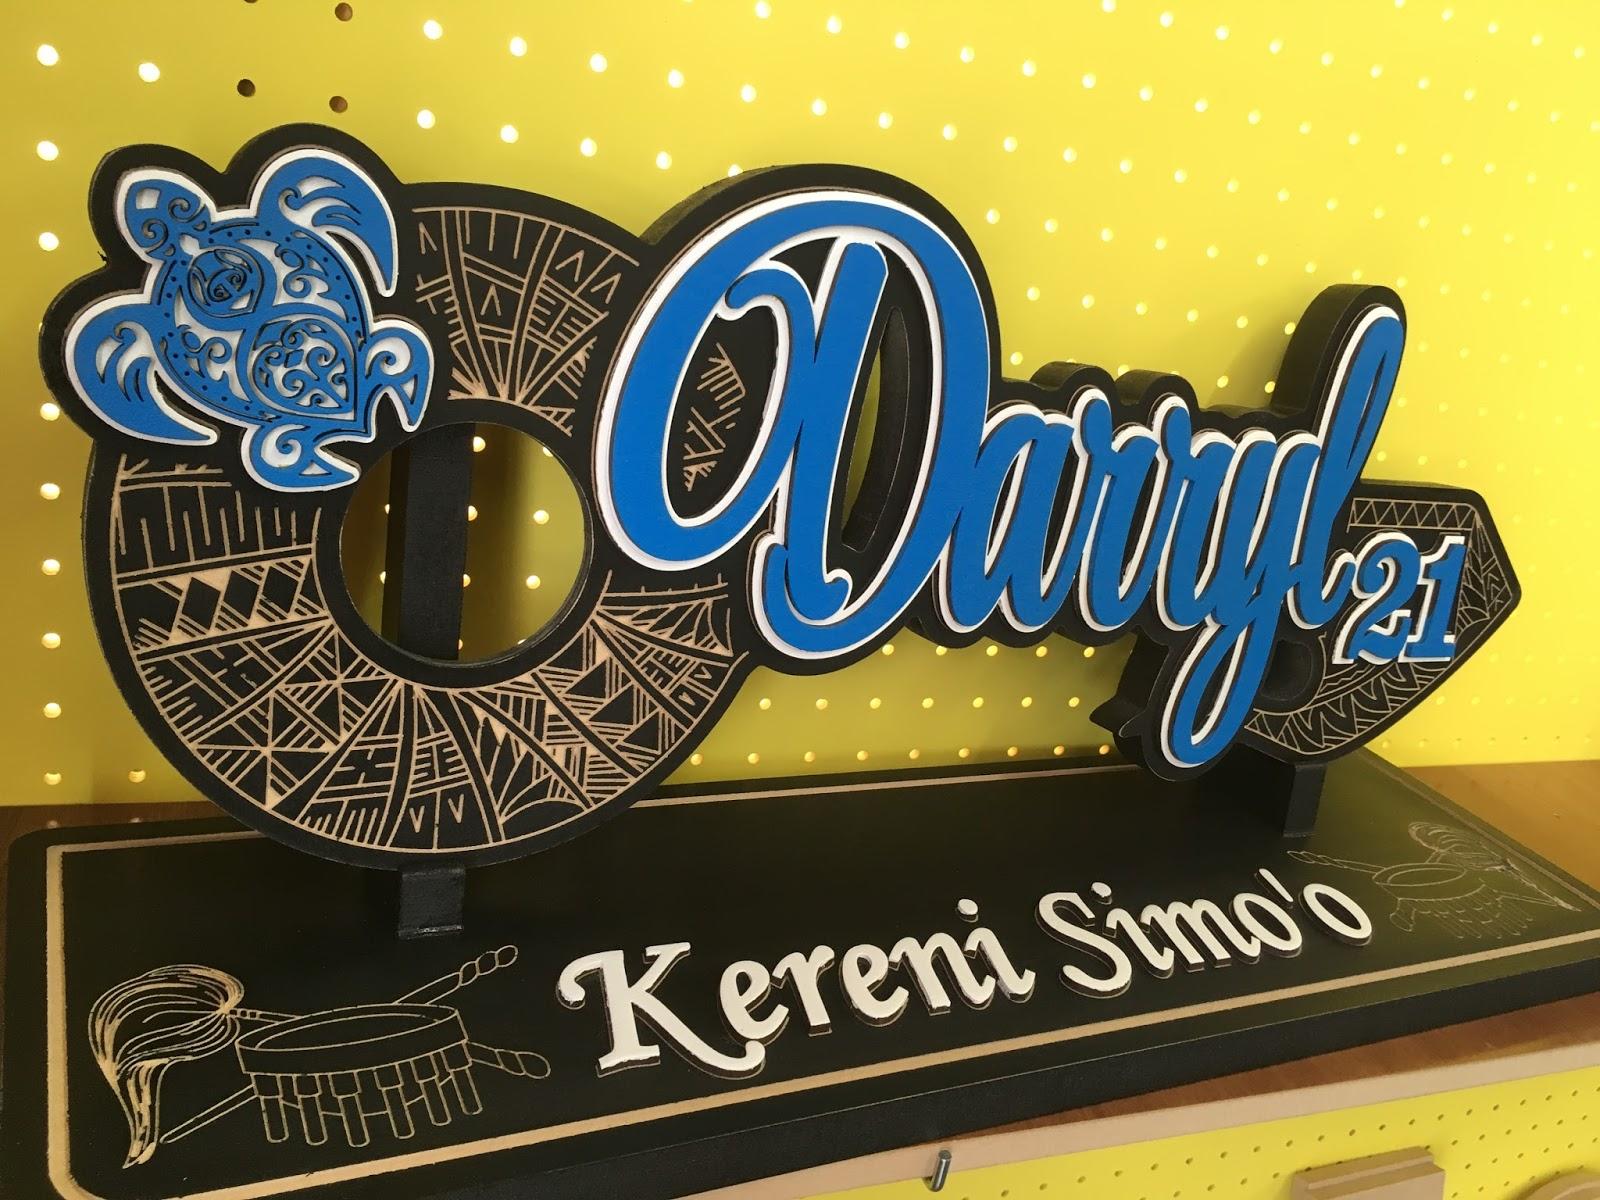 Naji S Craft 21st Key No 161229 Turtle Amp Black